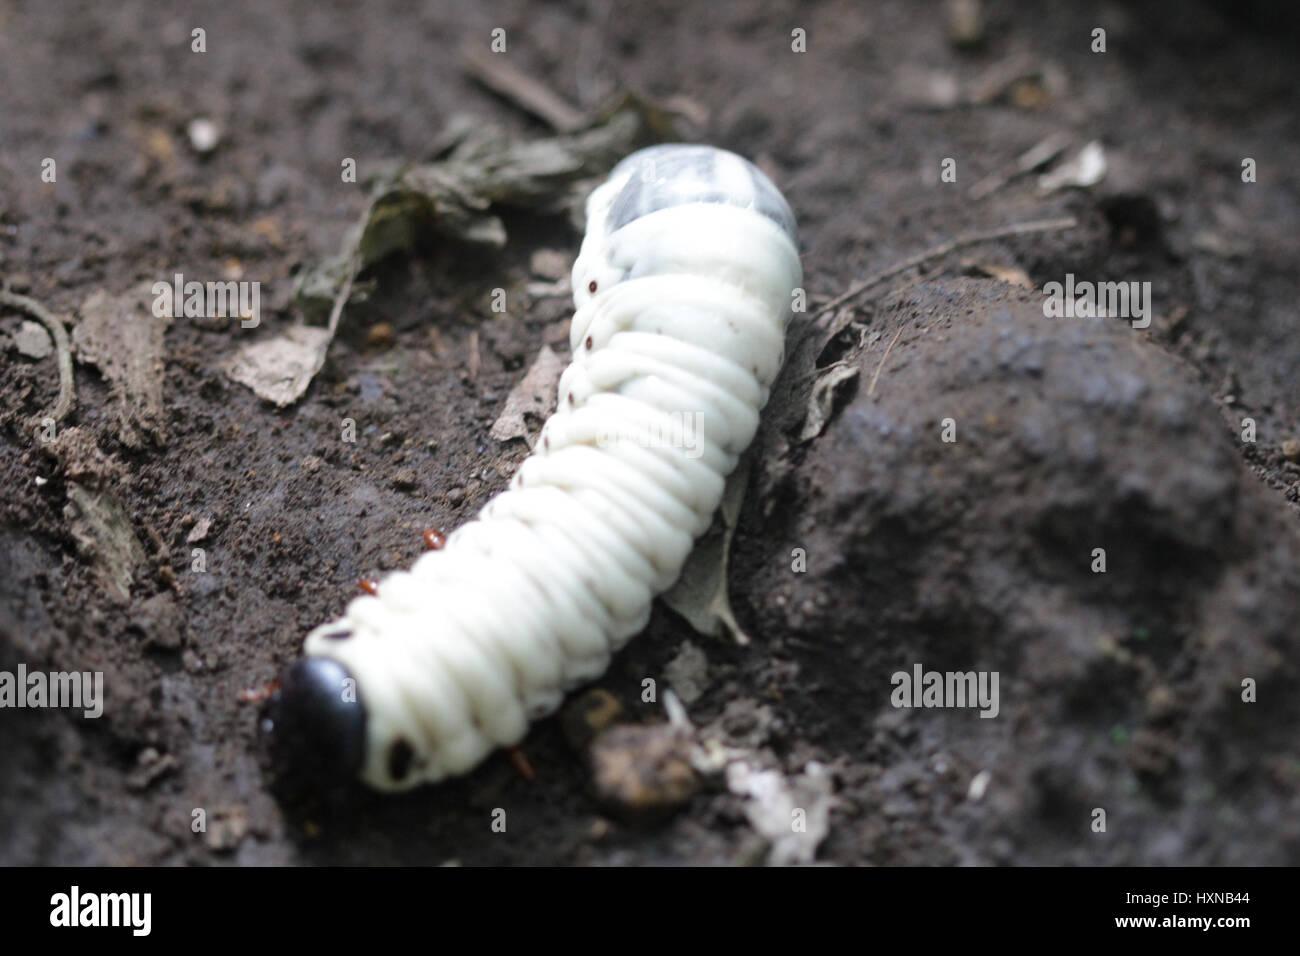 Giant Grub Worms Stock Photo 136923364 Alamy